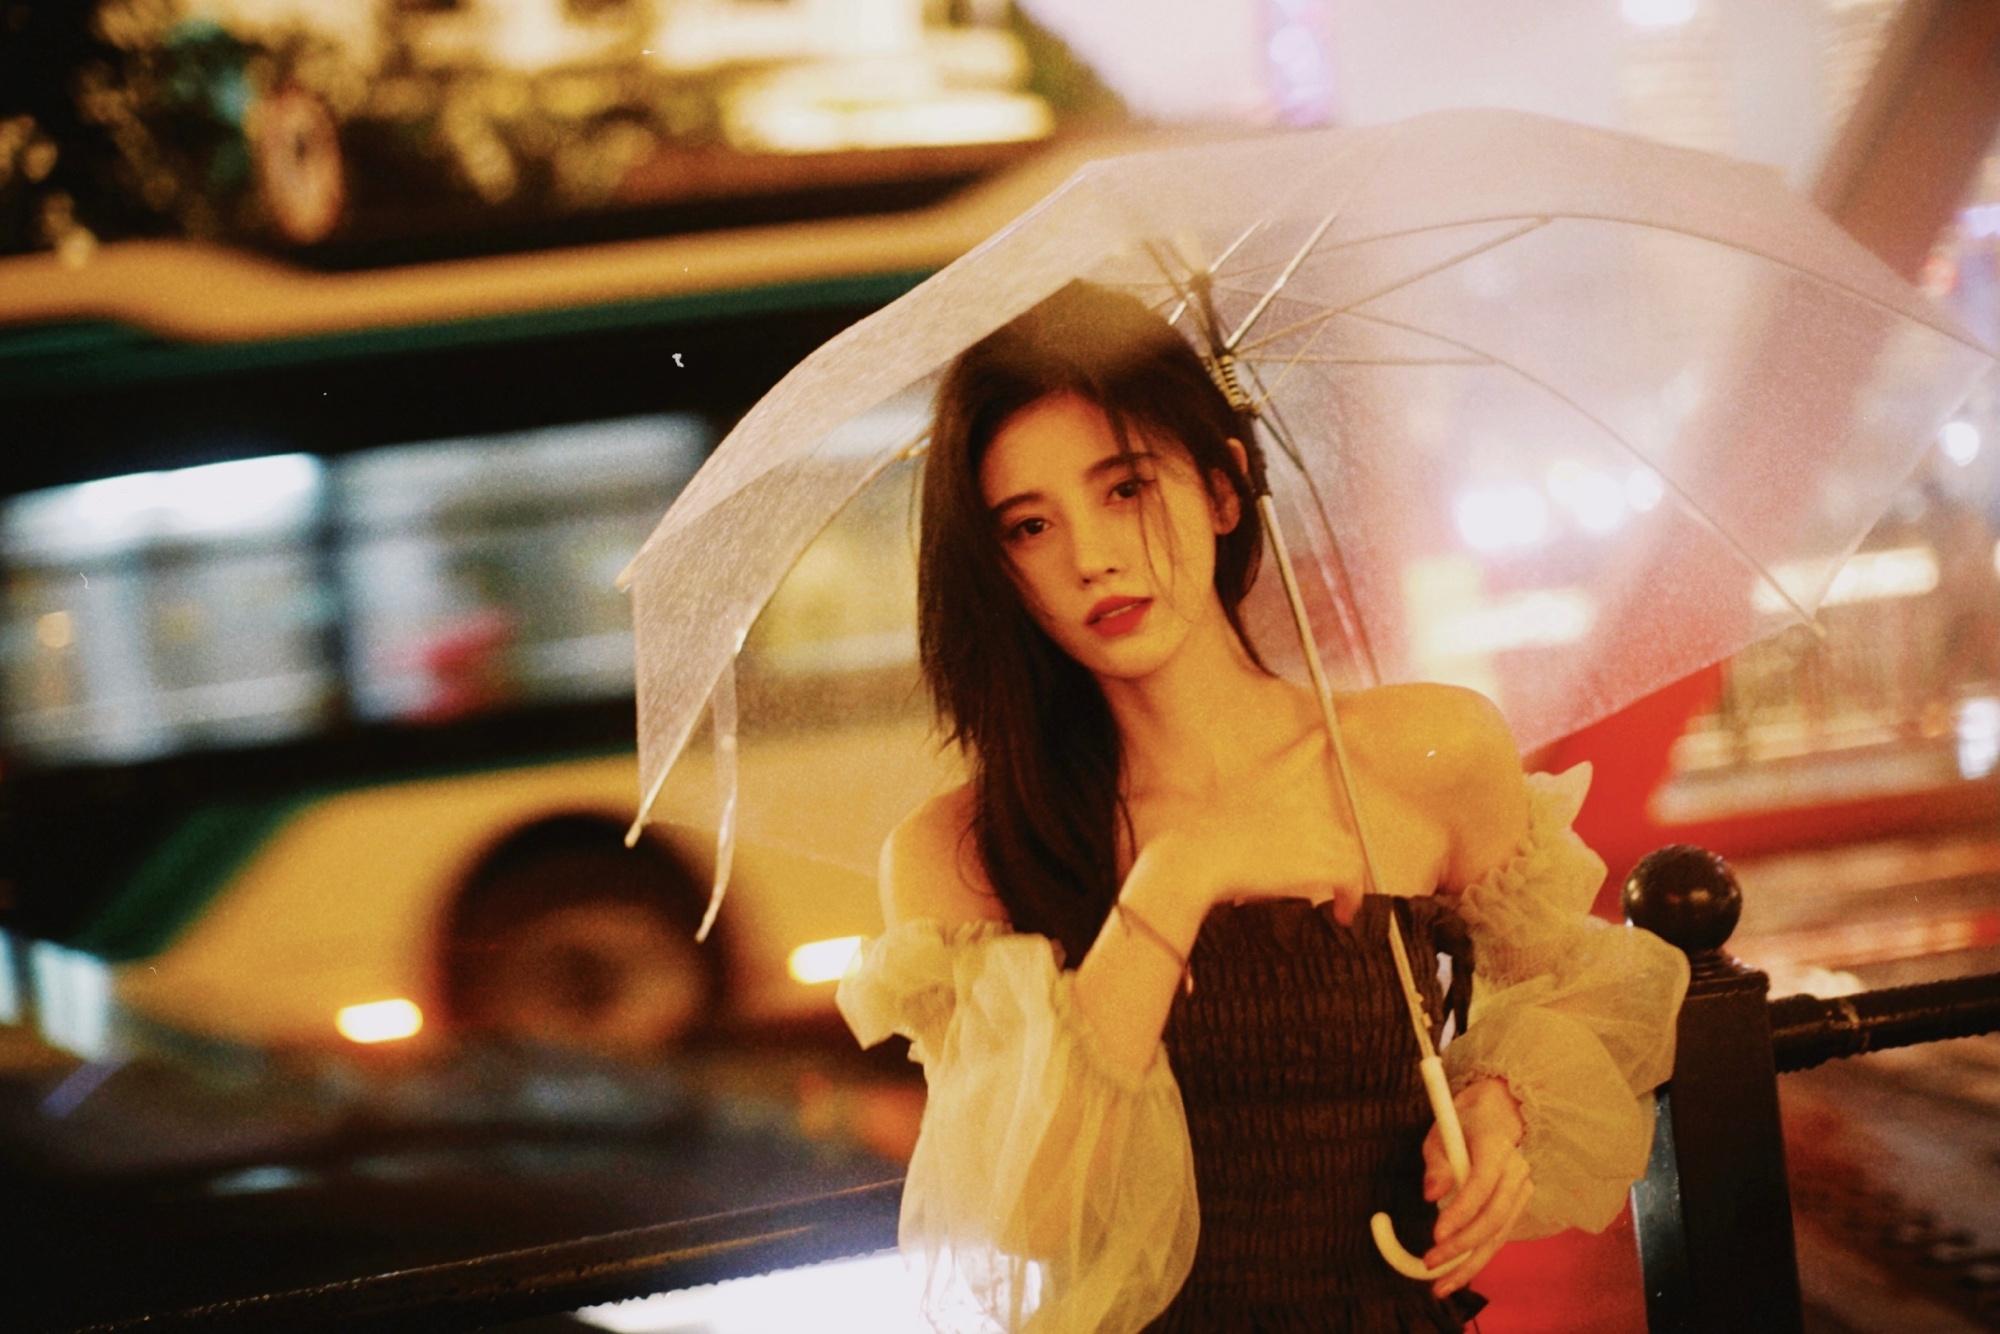 鞠婧祎这组照片估计又有很多人模仿了吧,氛围感拿捏得死死的